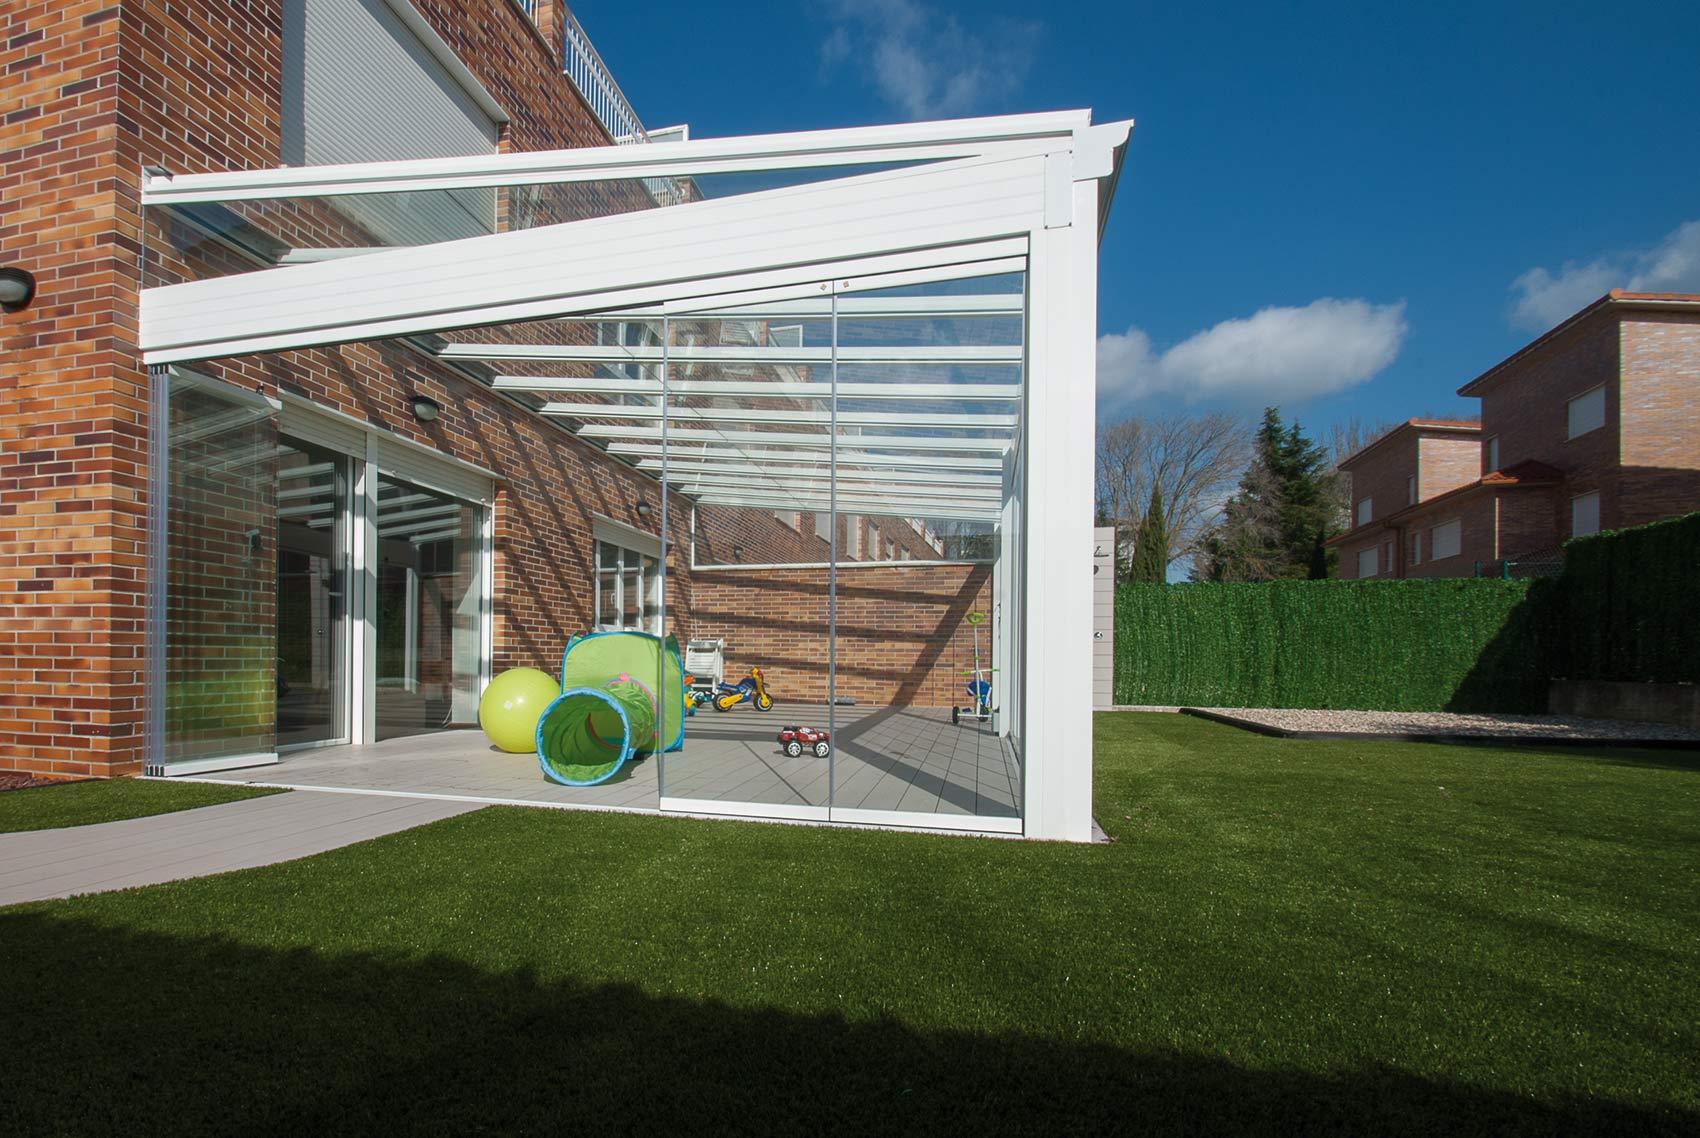 jardin-porche-aluminio-4